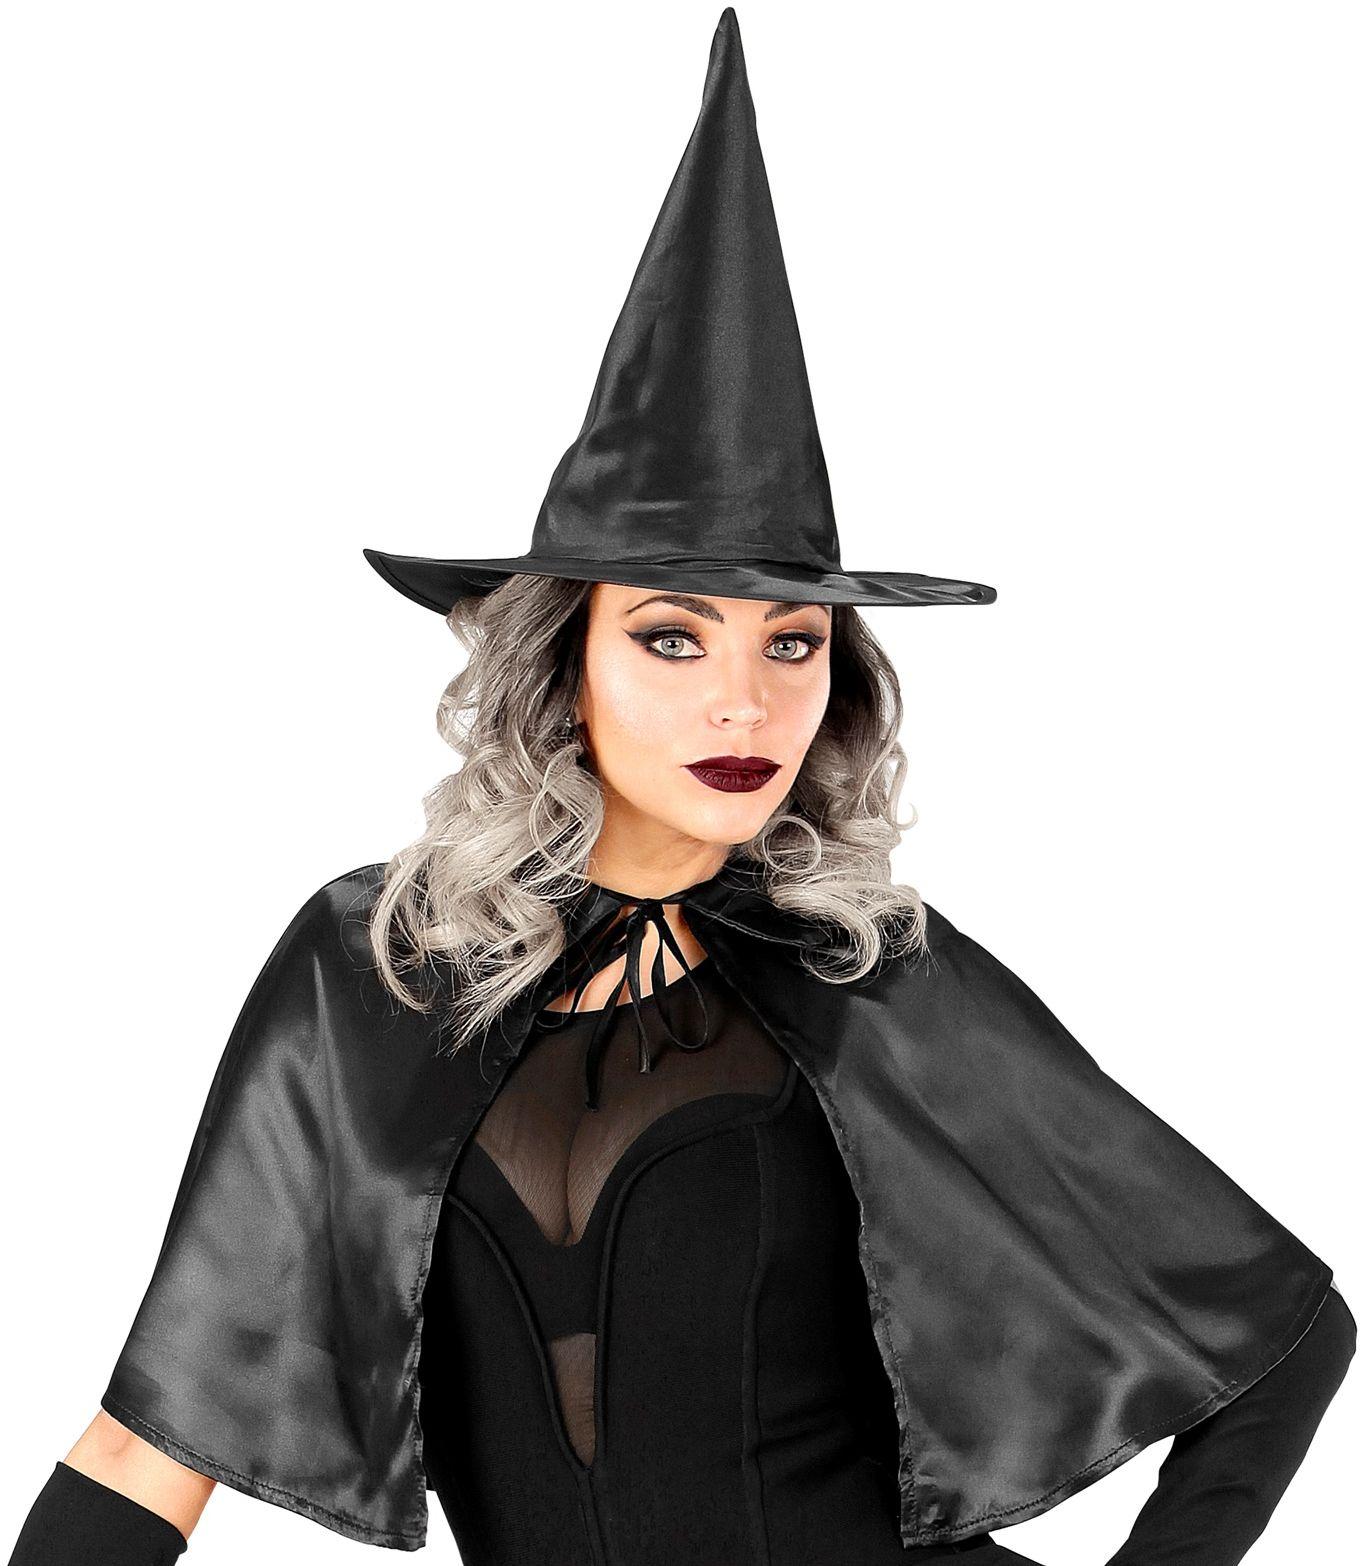 Heksen cape met hoed